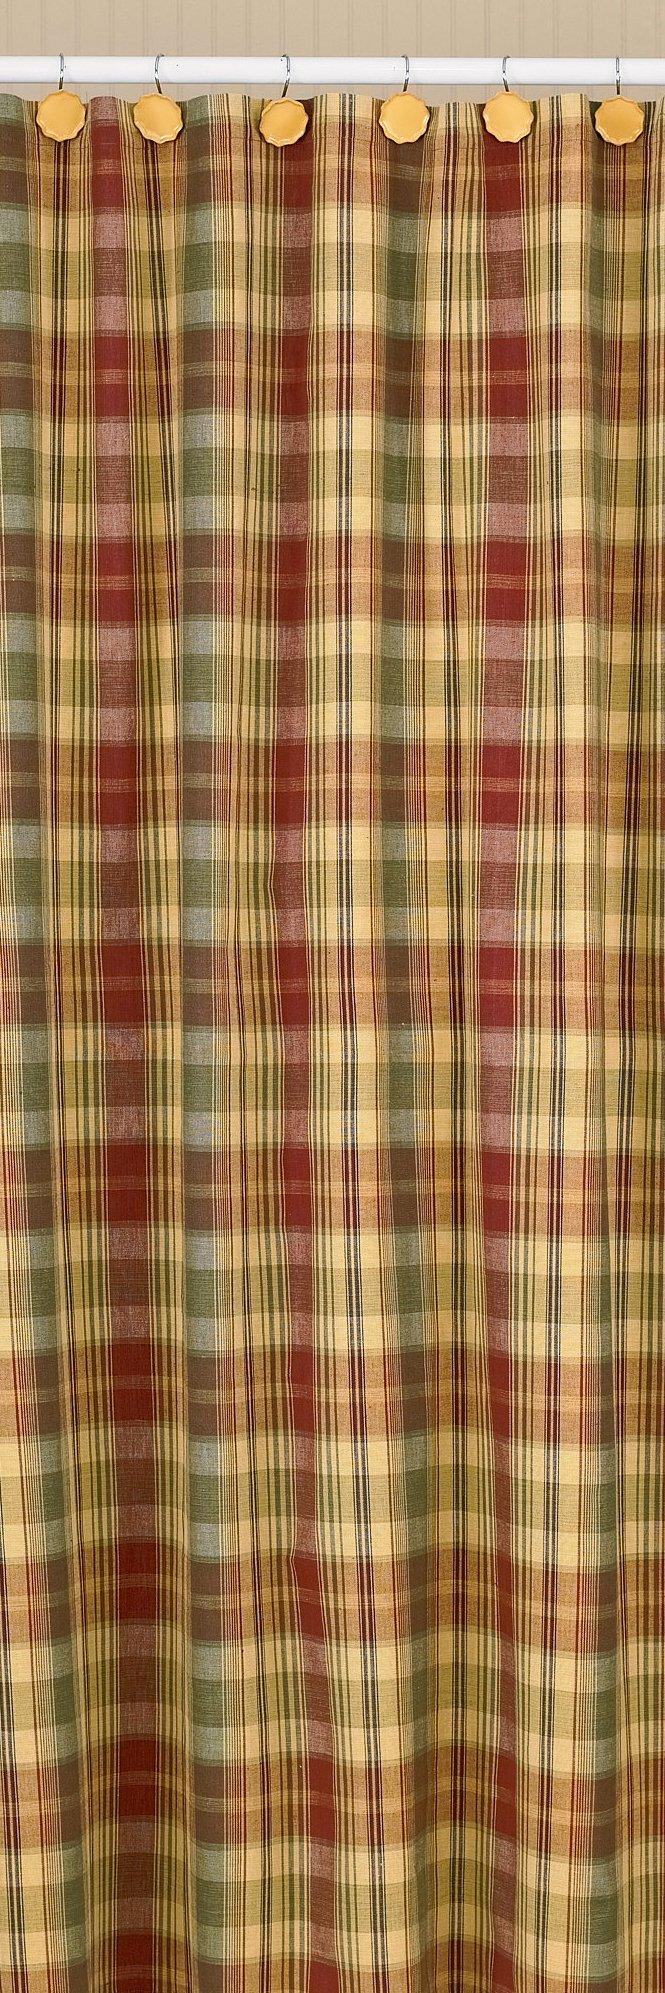 Park Designs ''Saffron'' Country Shower Curtain 72''x72''